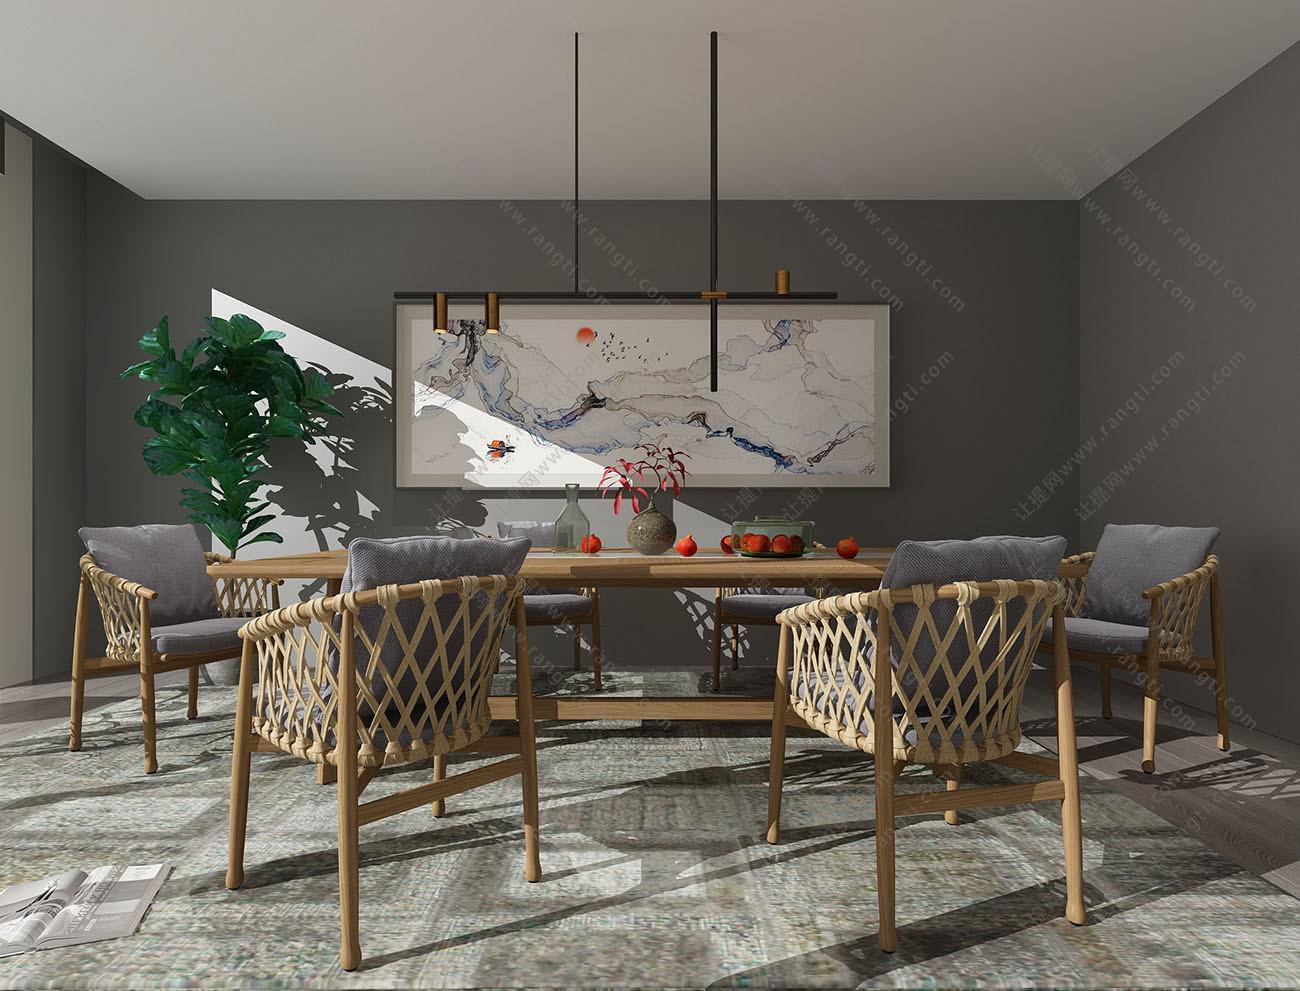 新中式长方形实木餐桌椅、藤编休闲椅组合3D模型